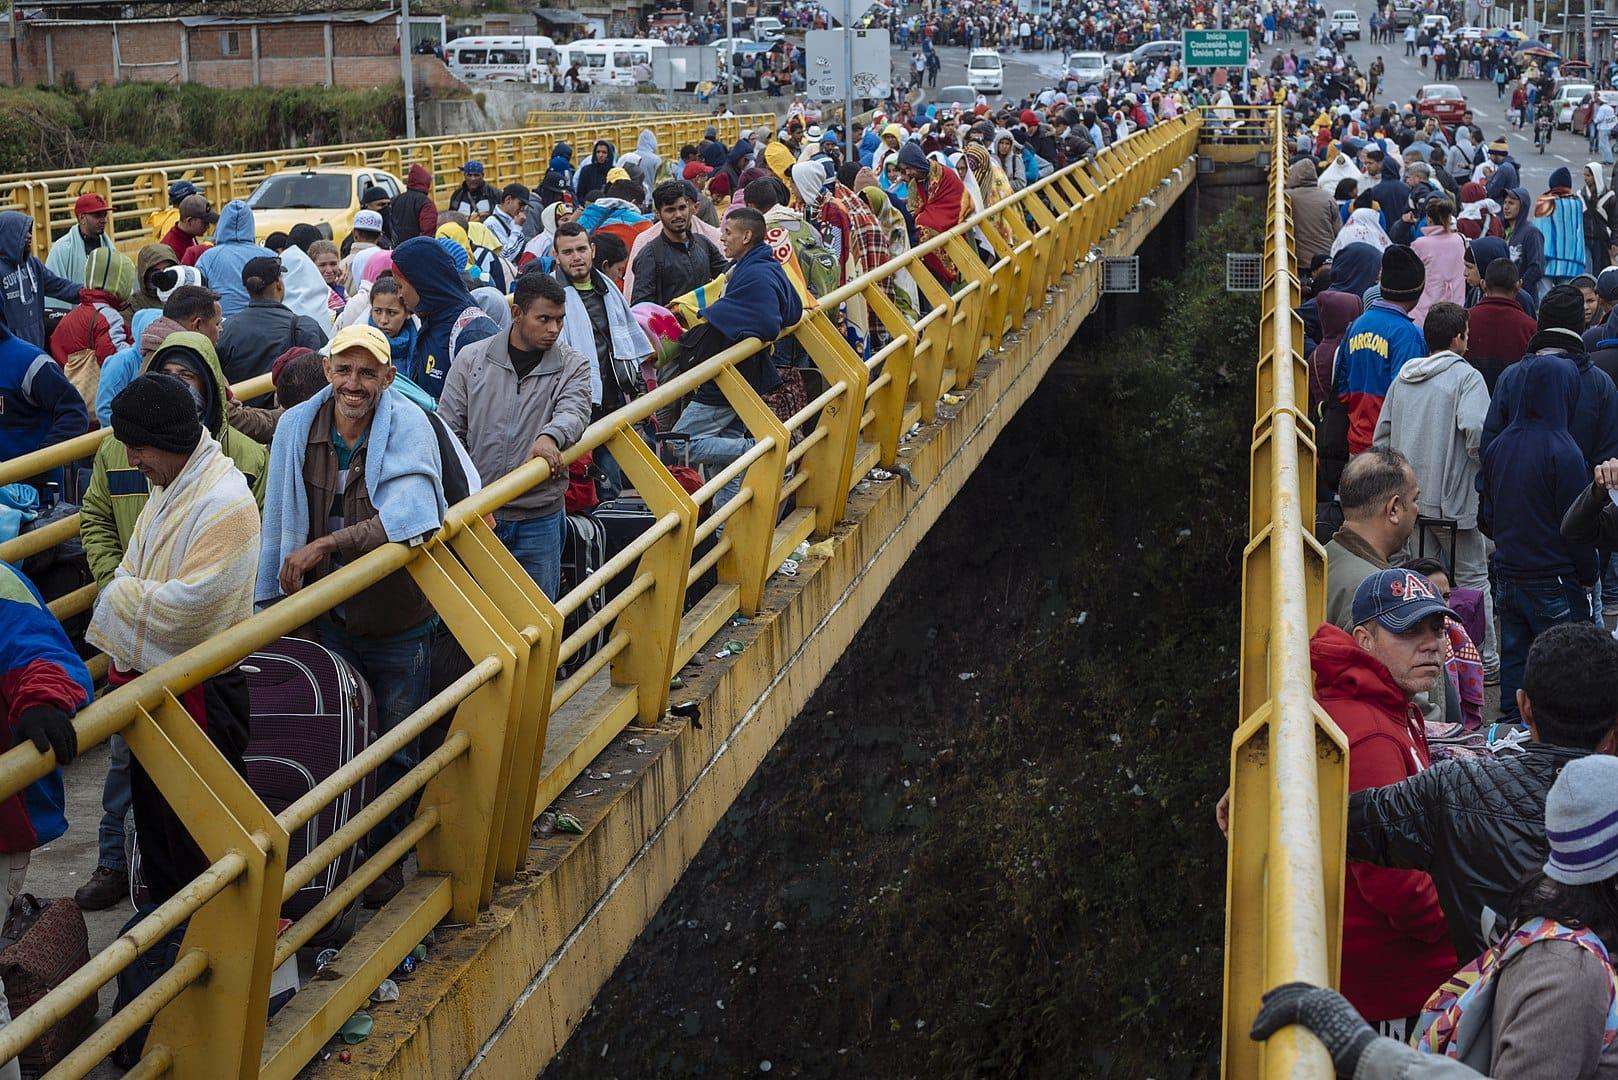 Za venezuelske migrante in begunce 60.000 evrov